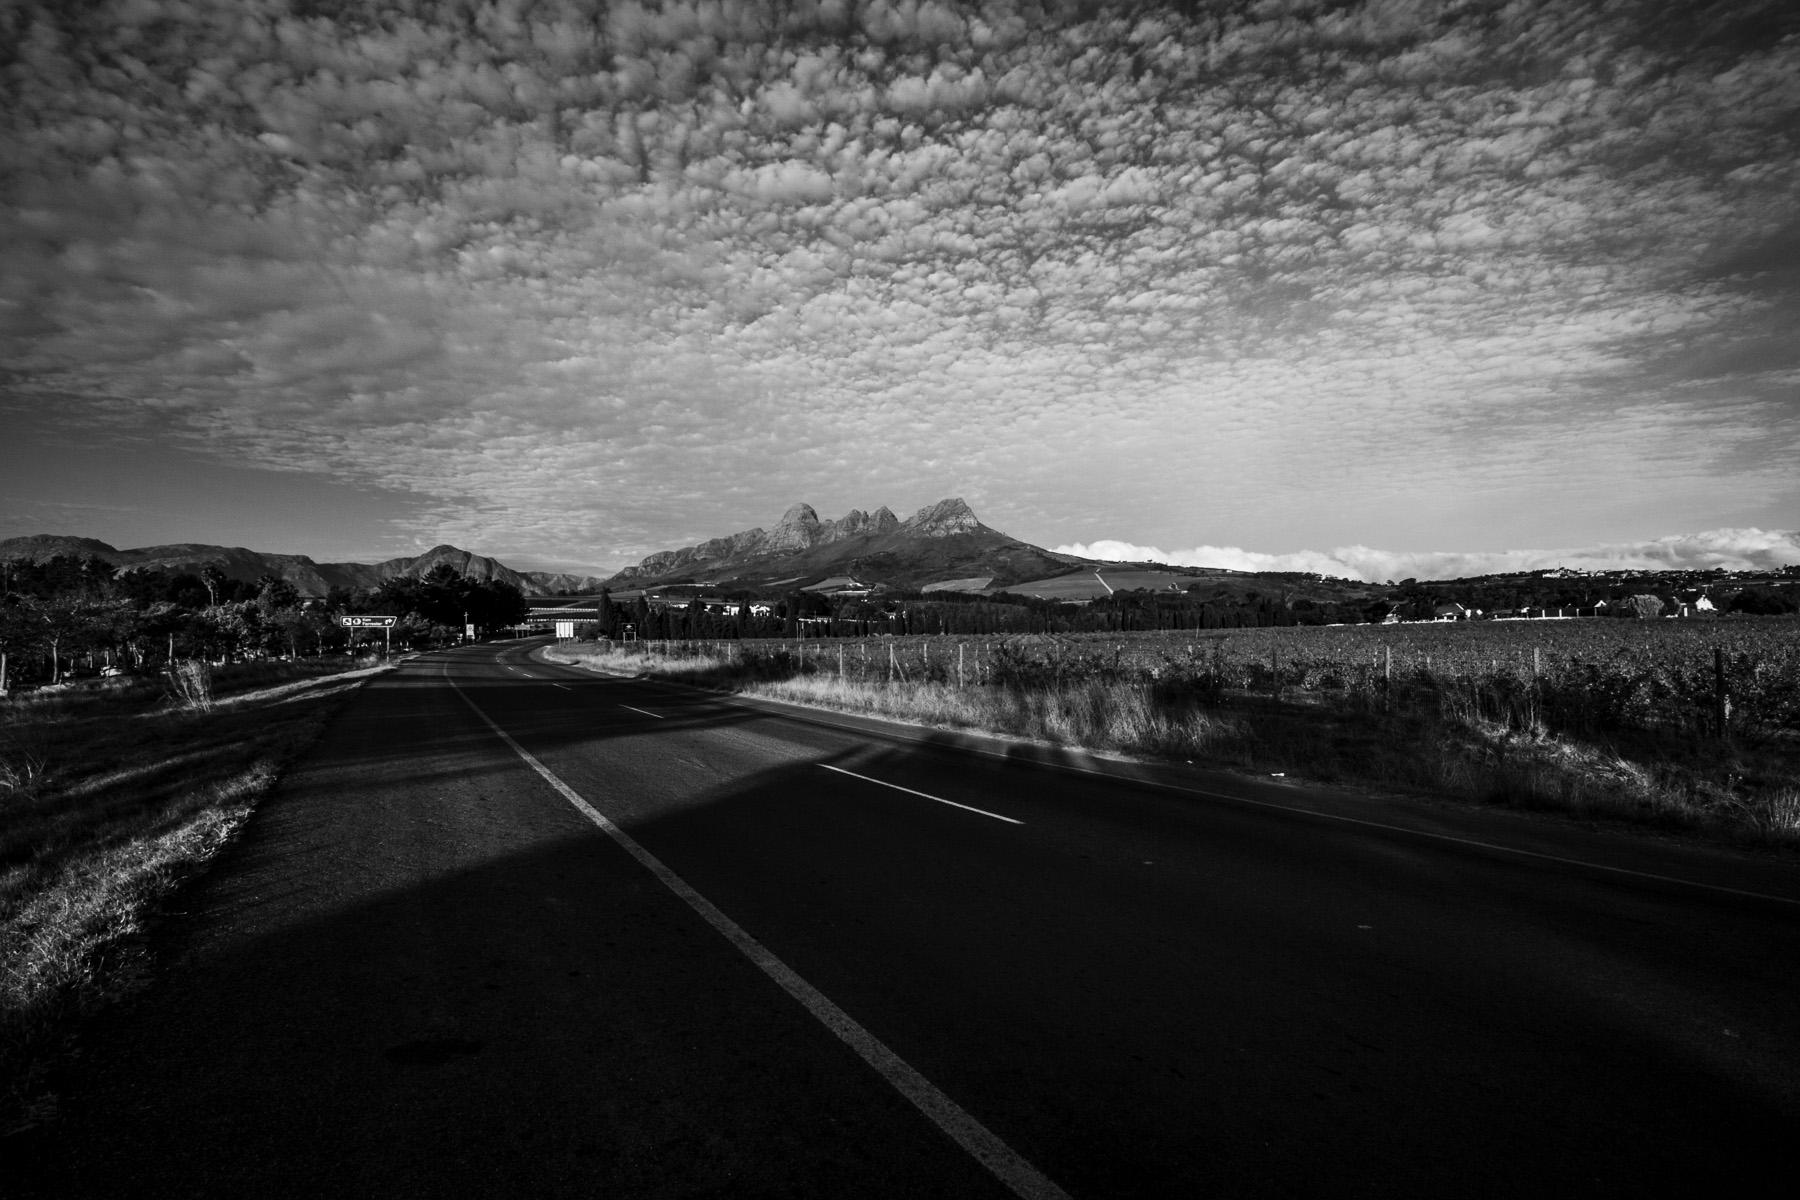 Shadowed Landscape